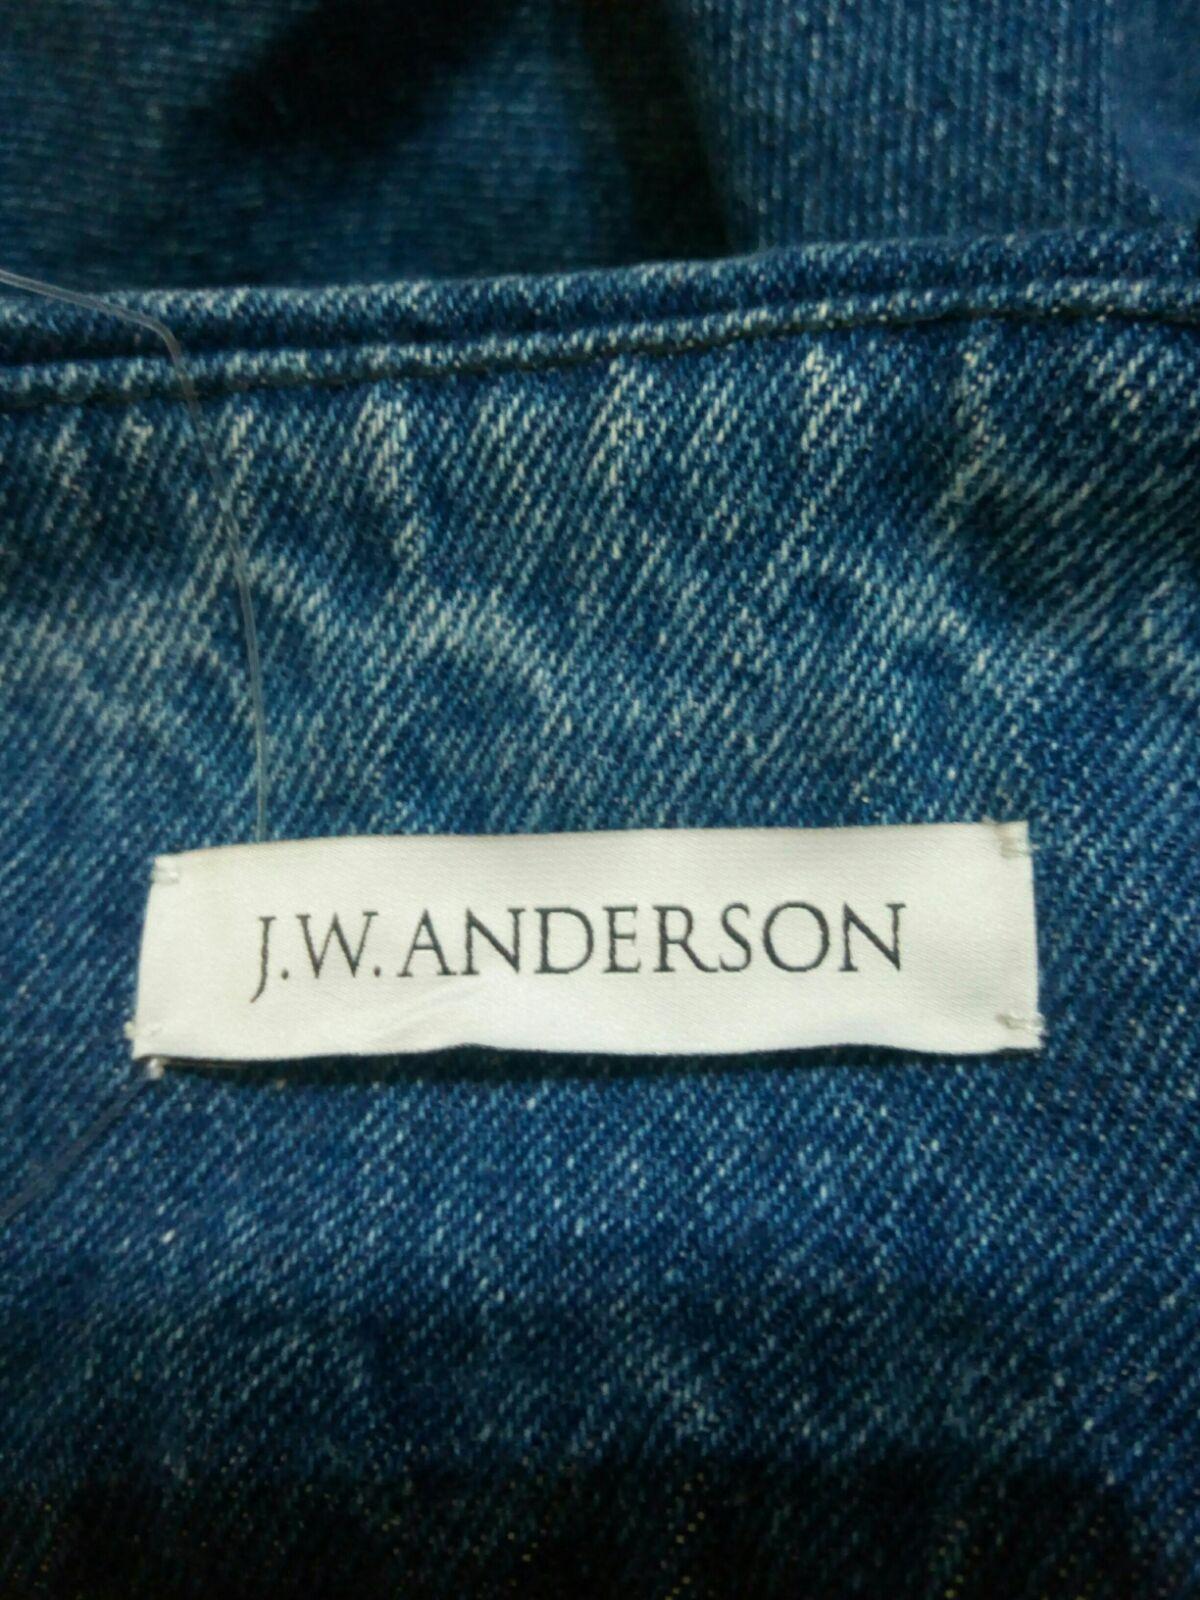 J.W.Anderson(ジェイダブリューアンダーソン)のジーンズ